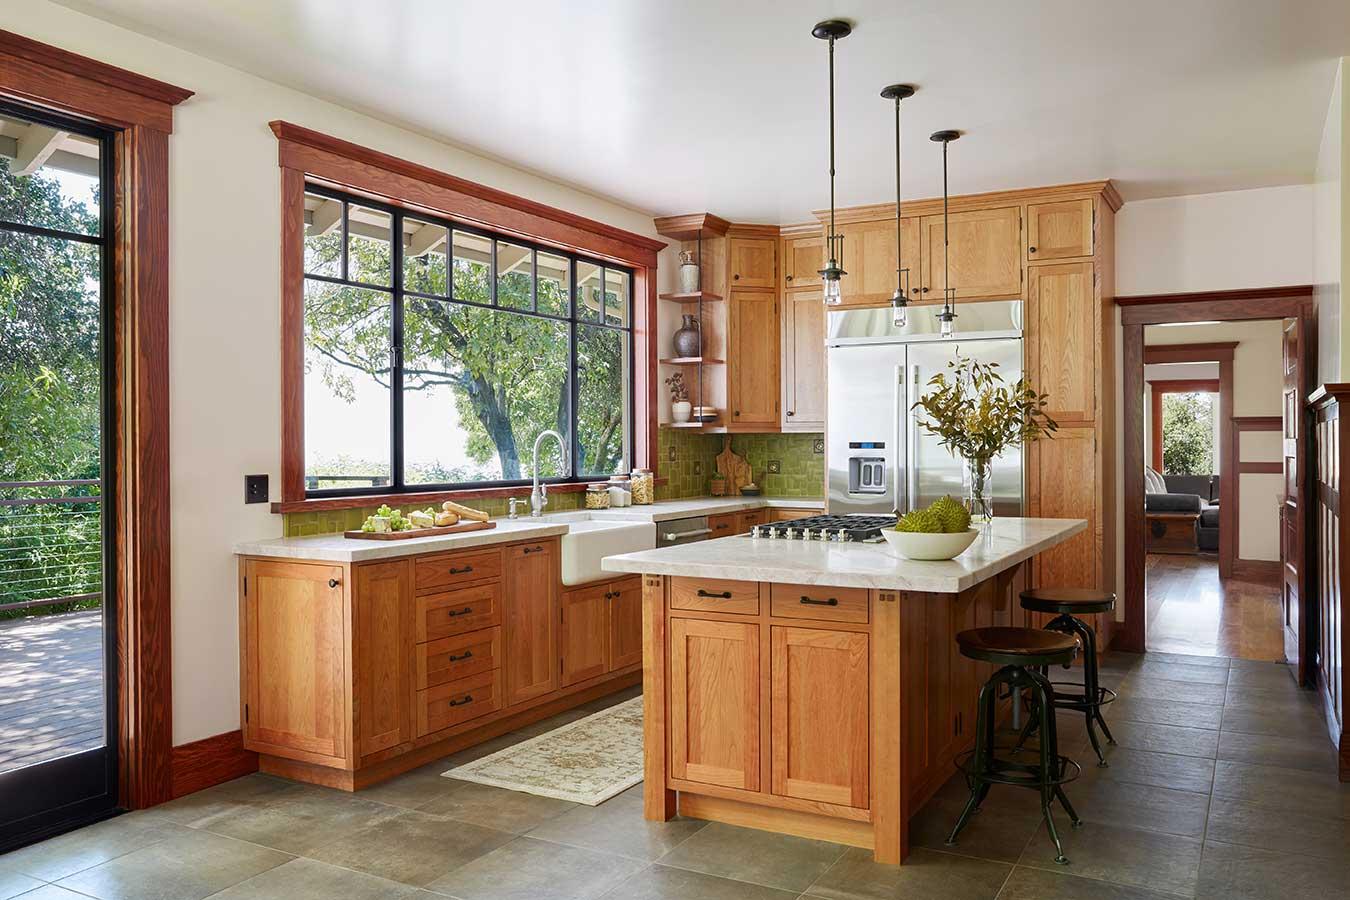 Mira Monte Craftsman Kitchen by HartmanBaldwin